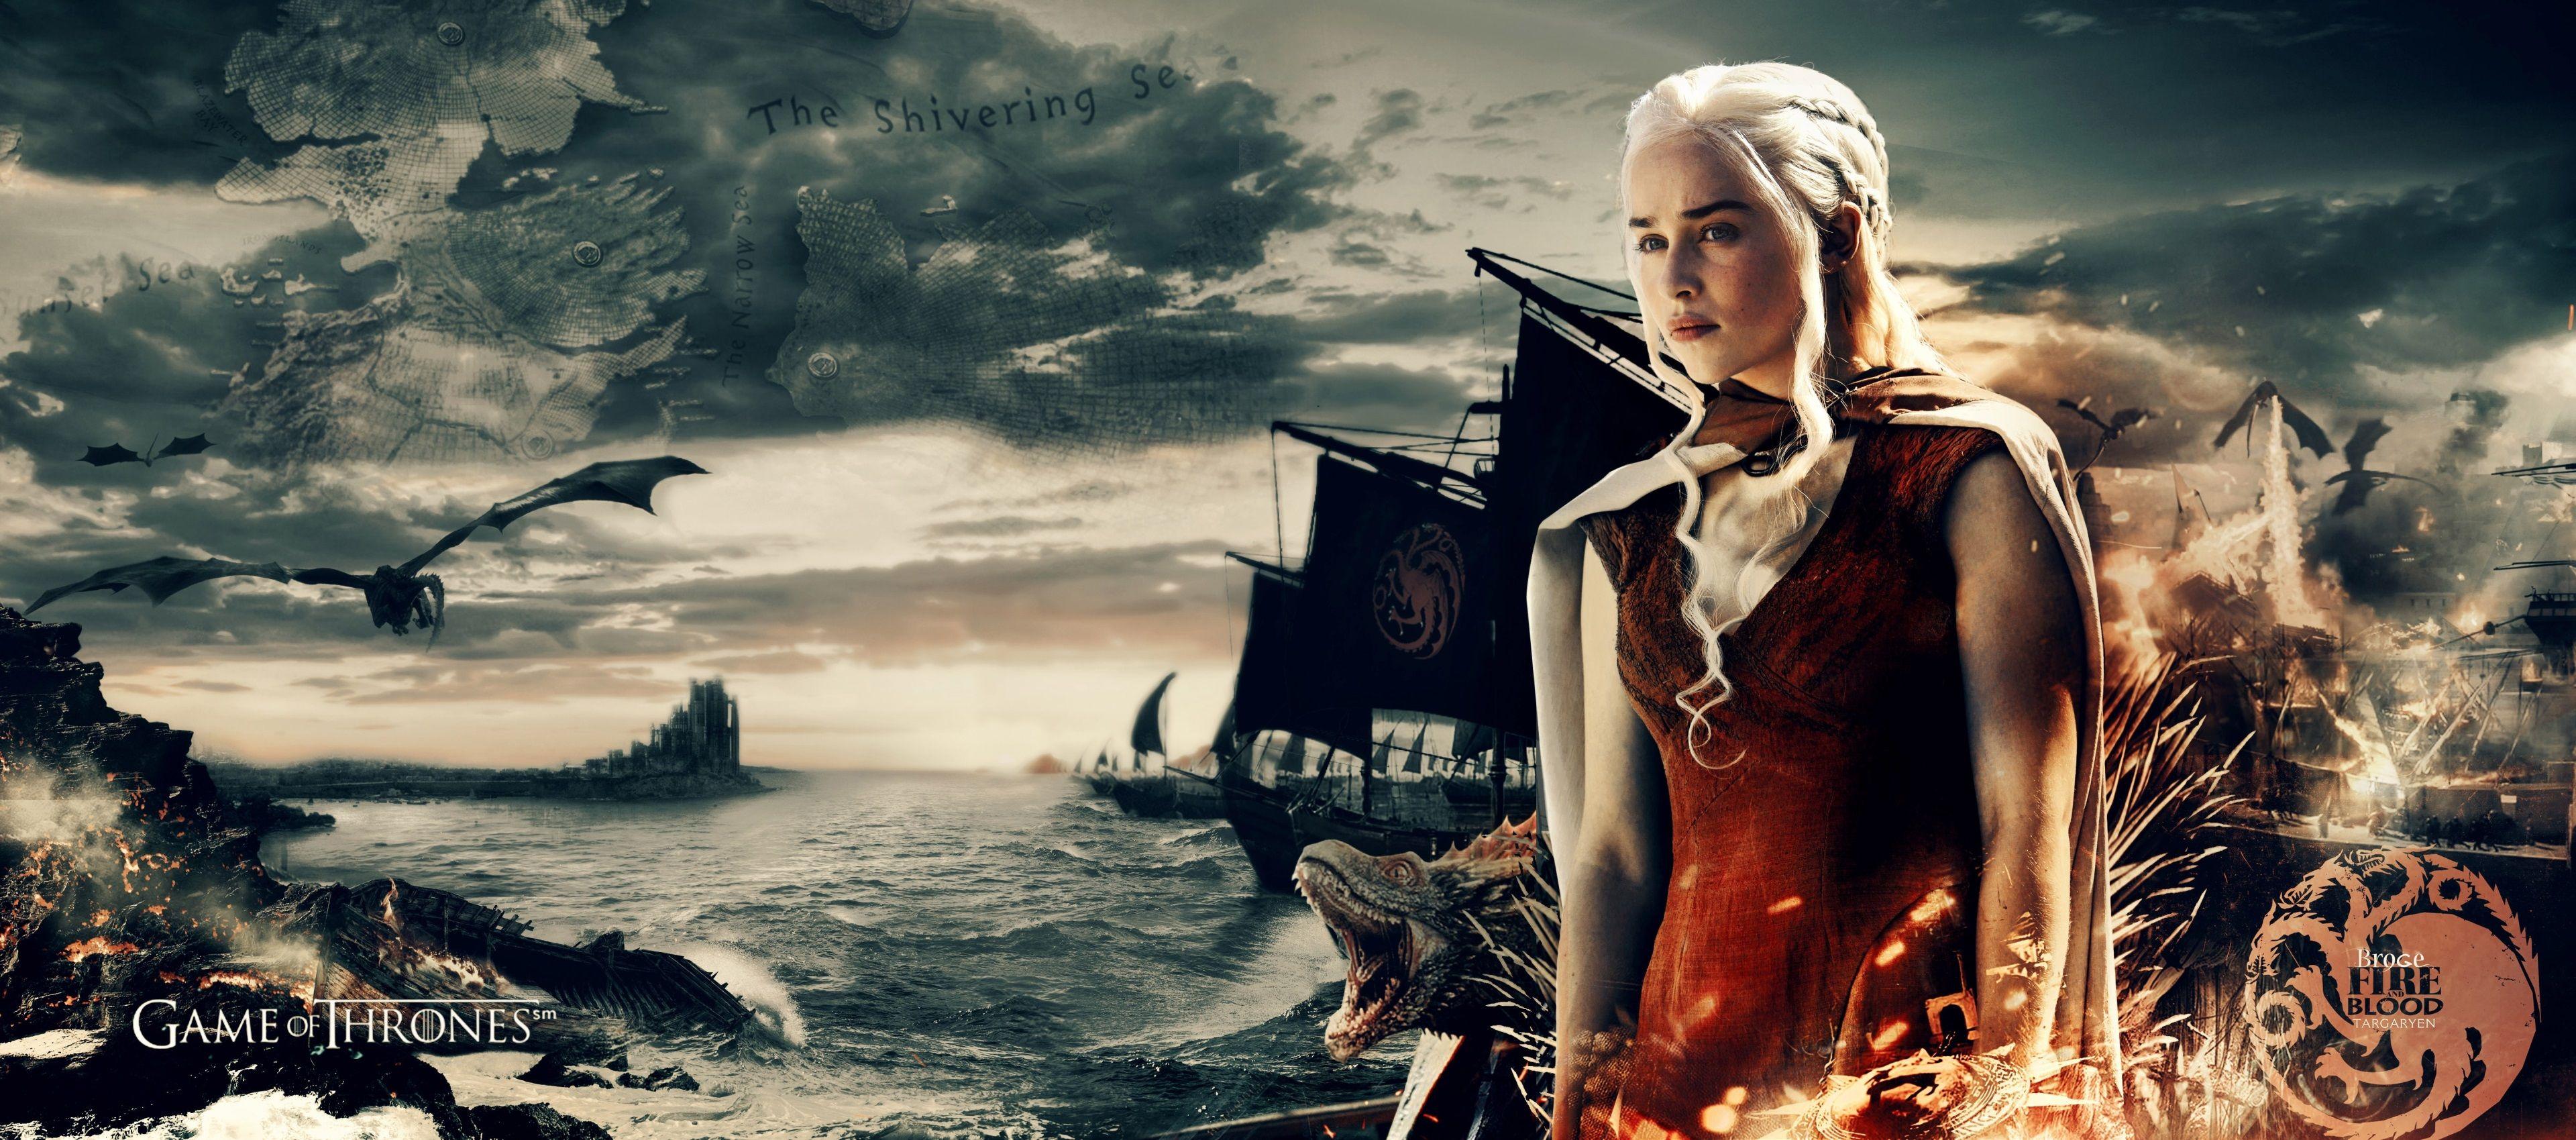 3840x1699 Daenerys Targaryen 4k Hd Screen Wallpaper Daenerys Targaryen Wallpaper Game Of Thrones Khaleesi Daenerys Targaryen